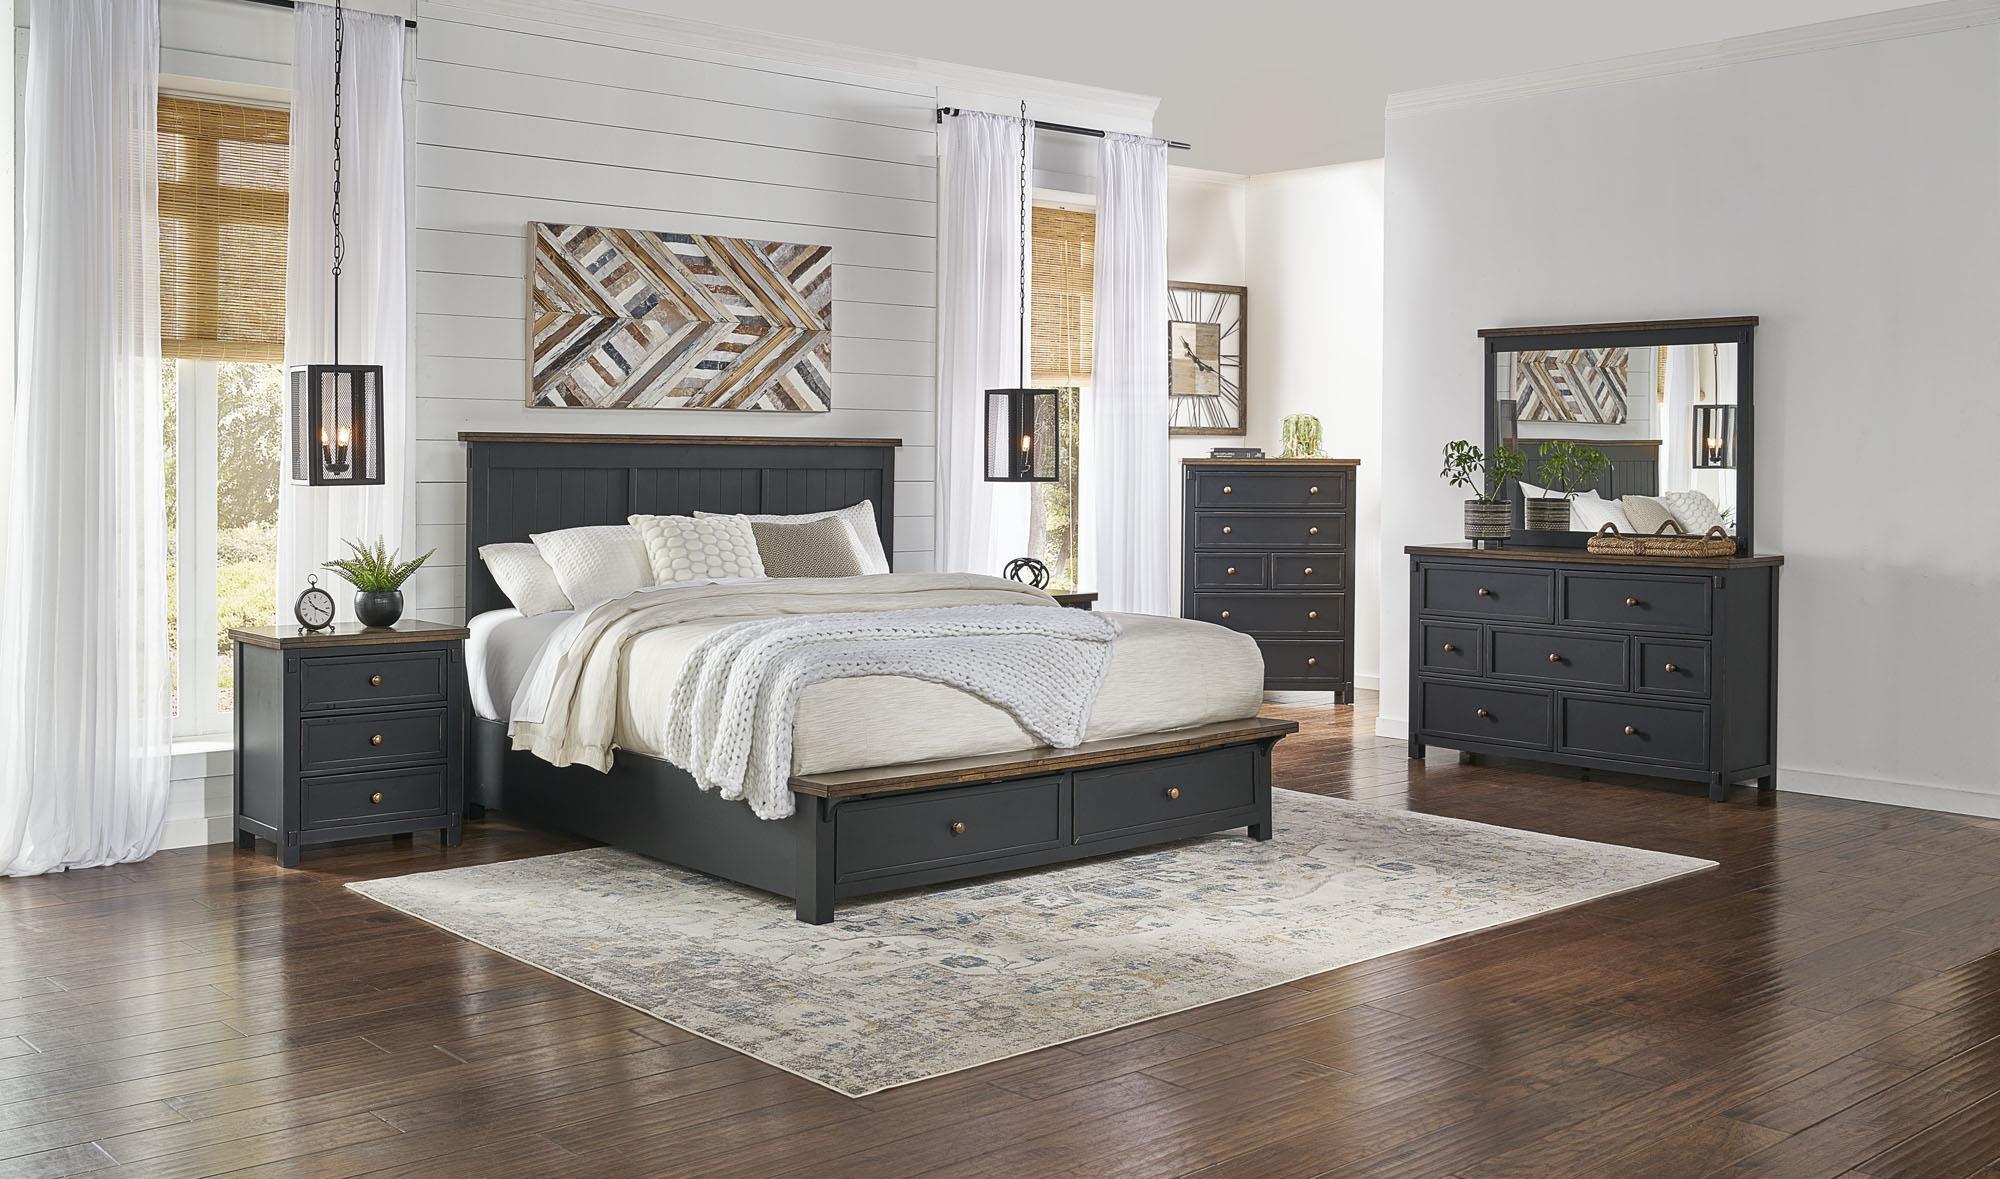 KIng Storage Platform Bedroom at Sadler's Home Furnishings